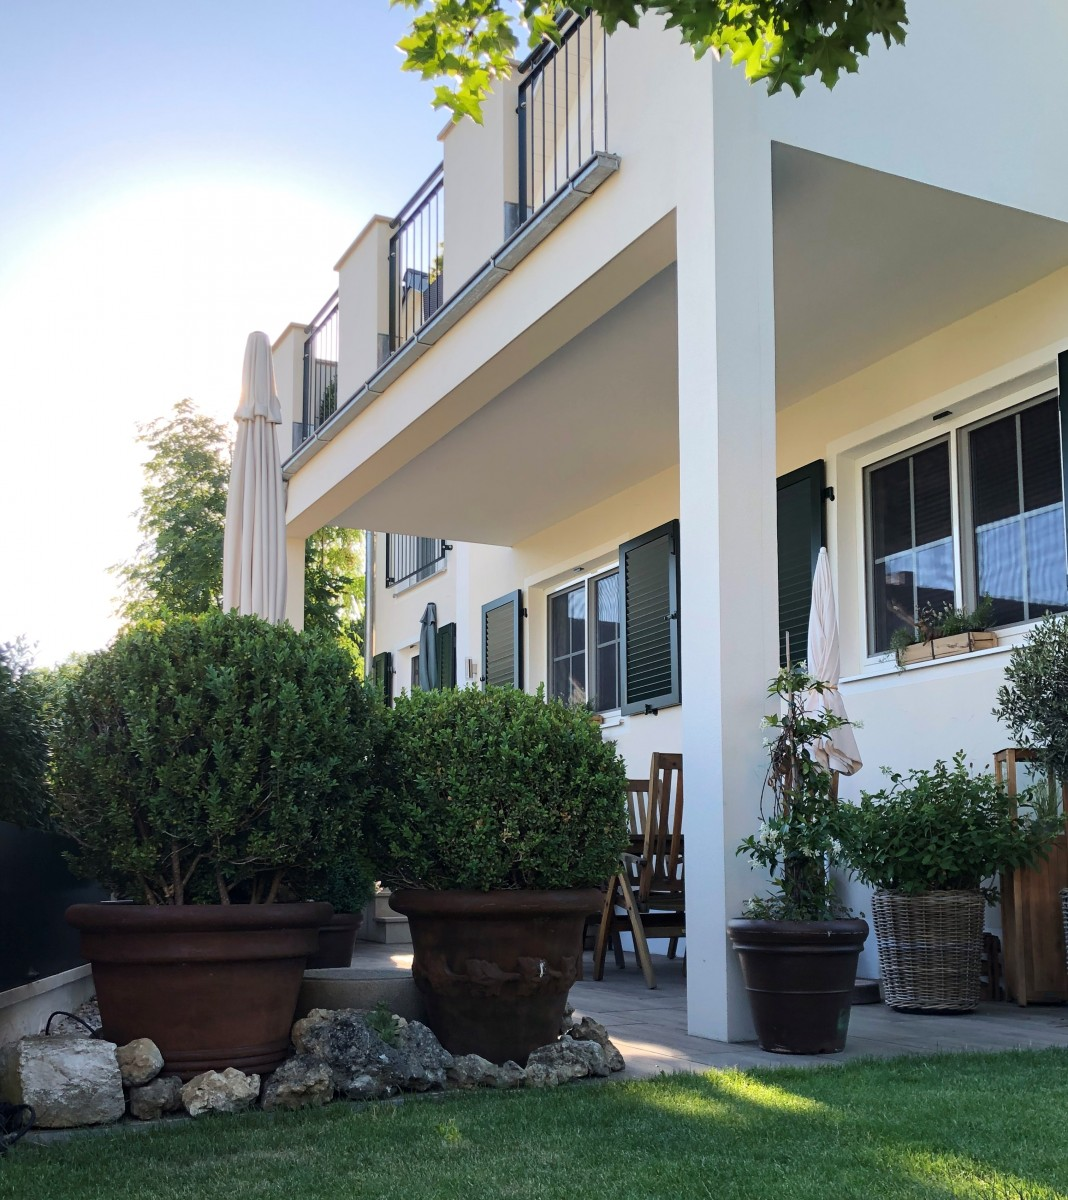 Wohnen, Modern, Licht, Weiß, Pflanze, Natur, Garten